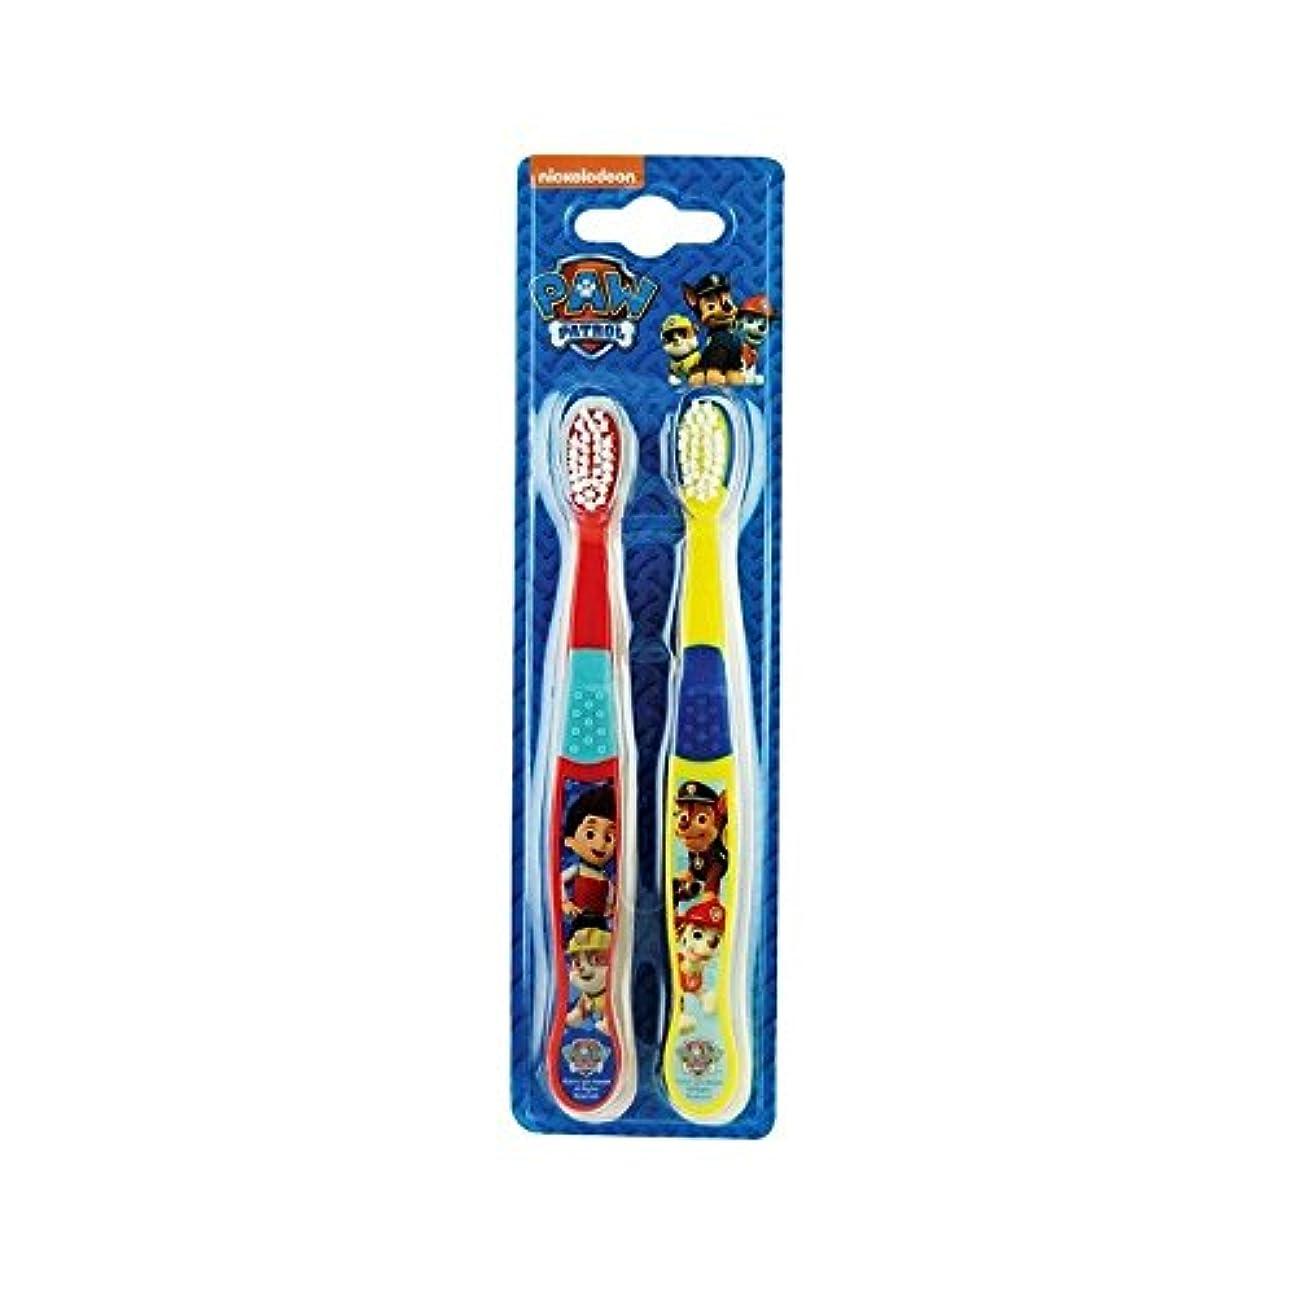 風昆虫縫い目1パックツイン歯ブラシ2 (Paw Patrol) (x 4) - Paw Patrol Twin Toothbrush 2 per pack (Pack of 4) [並行輸入品]